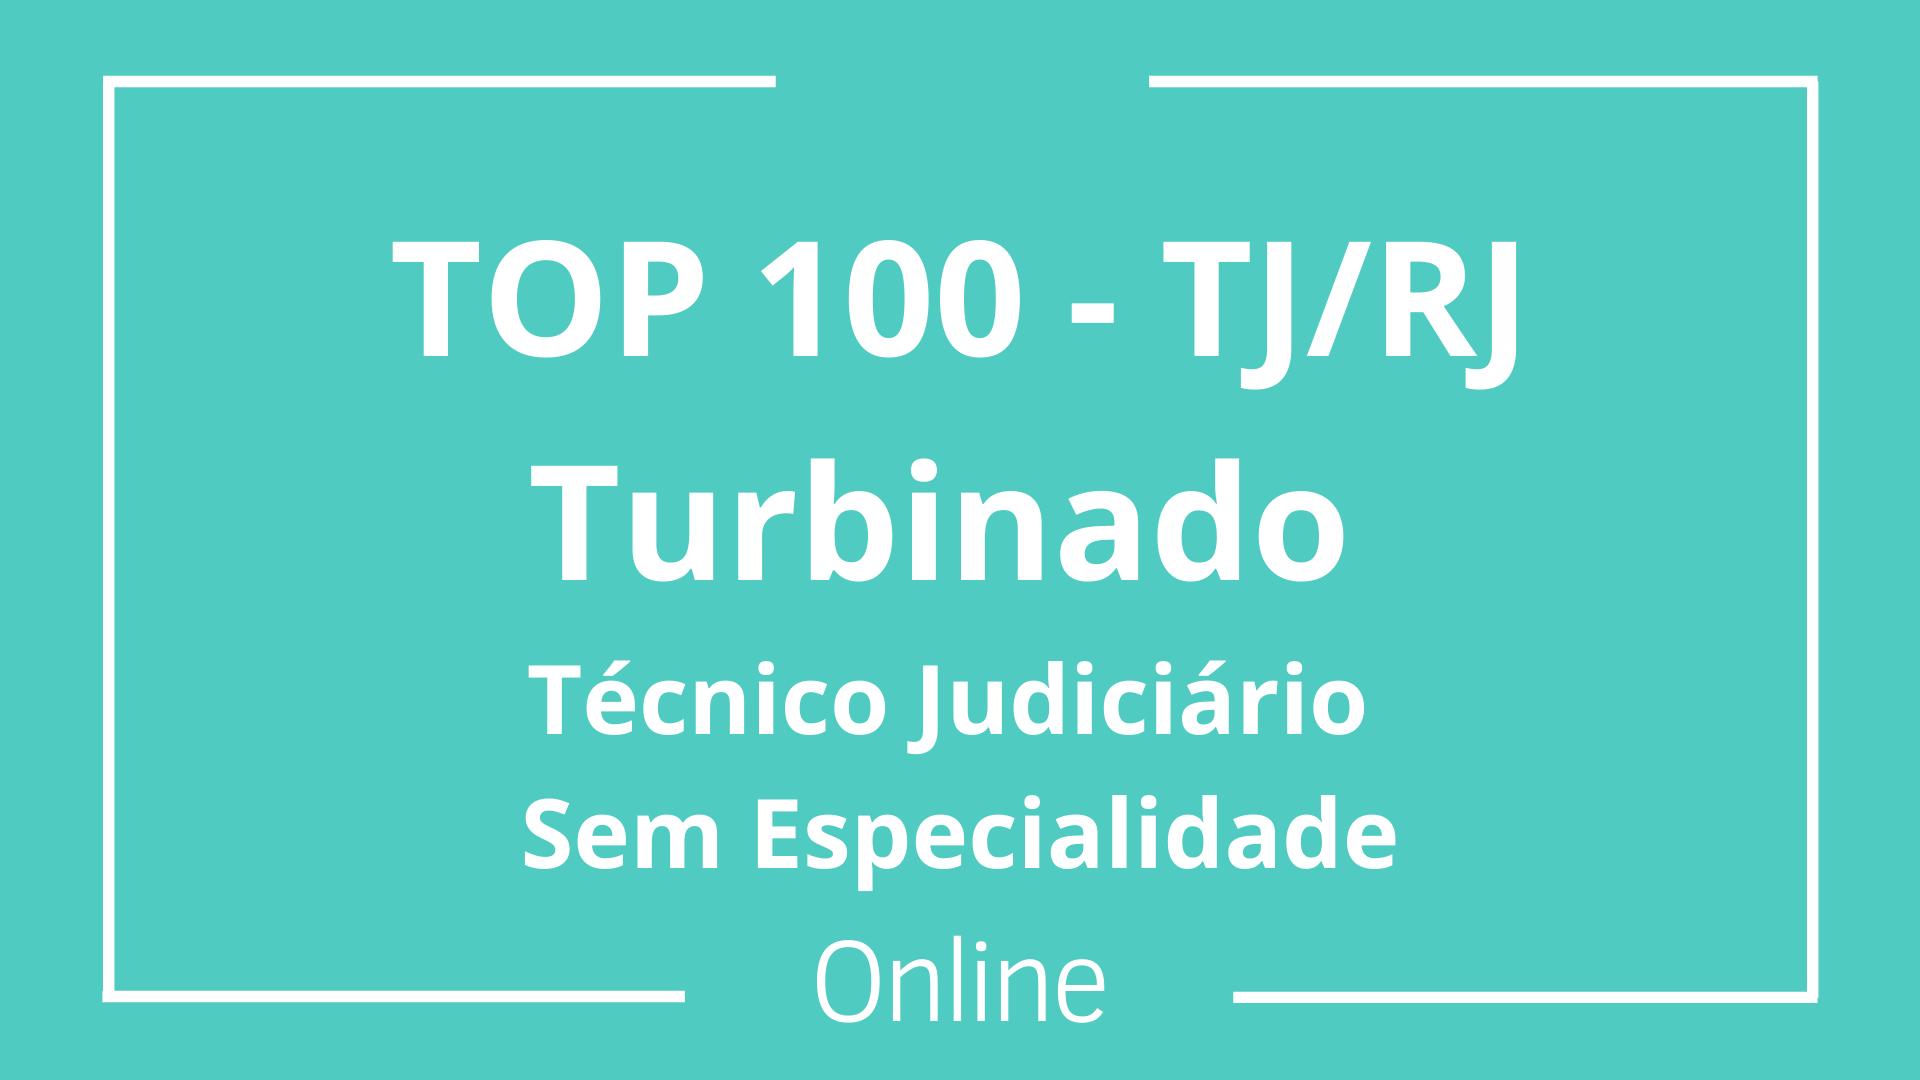 TOP 100 - TJ/RJ Turbinado - Técnico Judiciário - Sem Especialidade